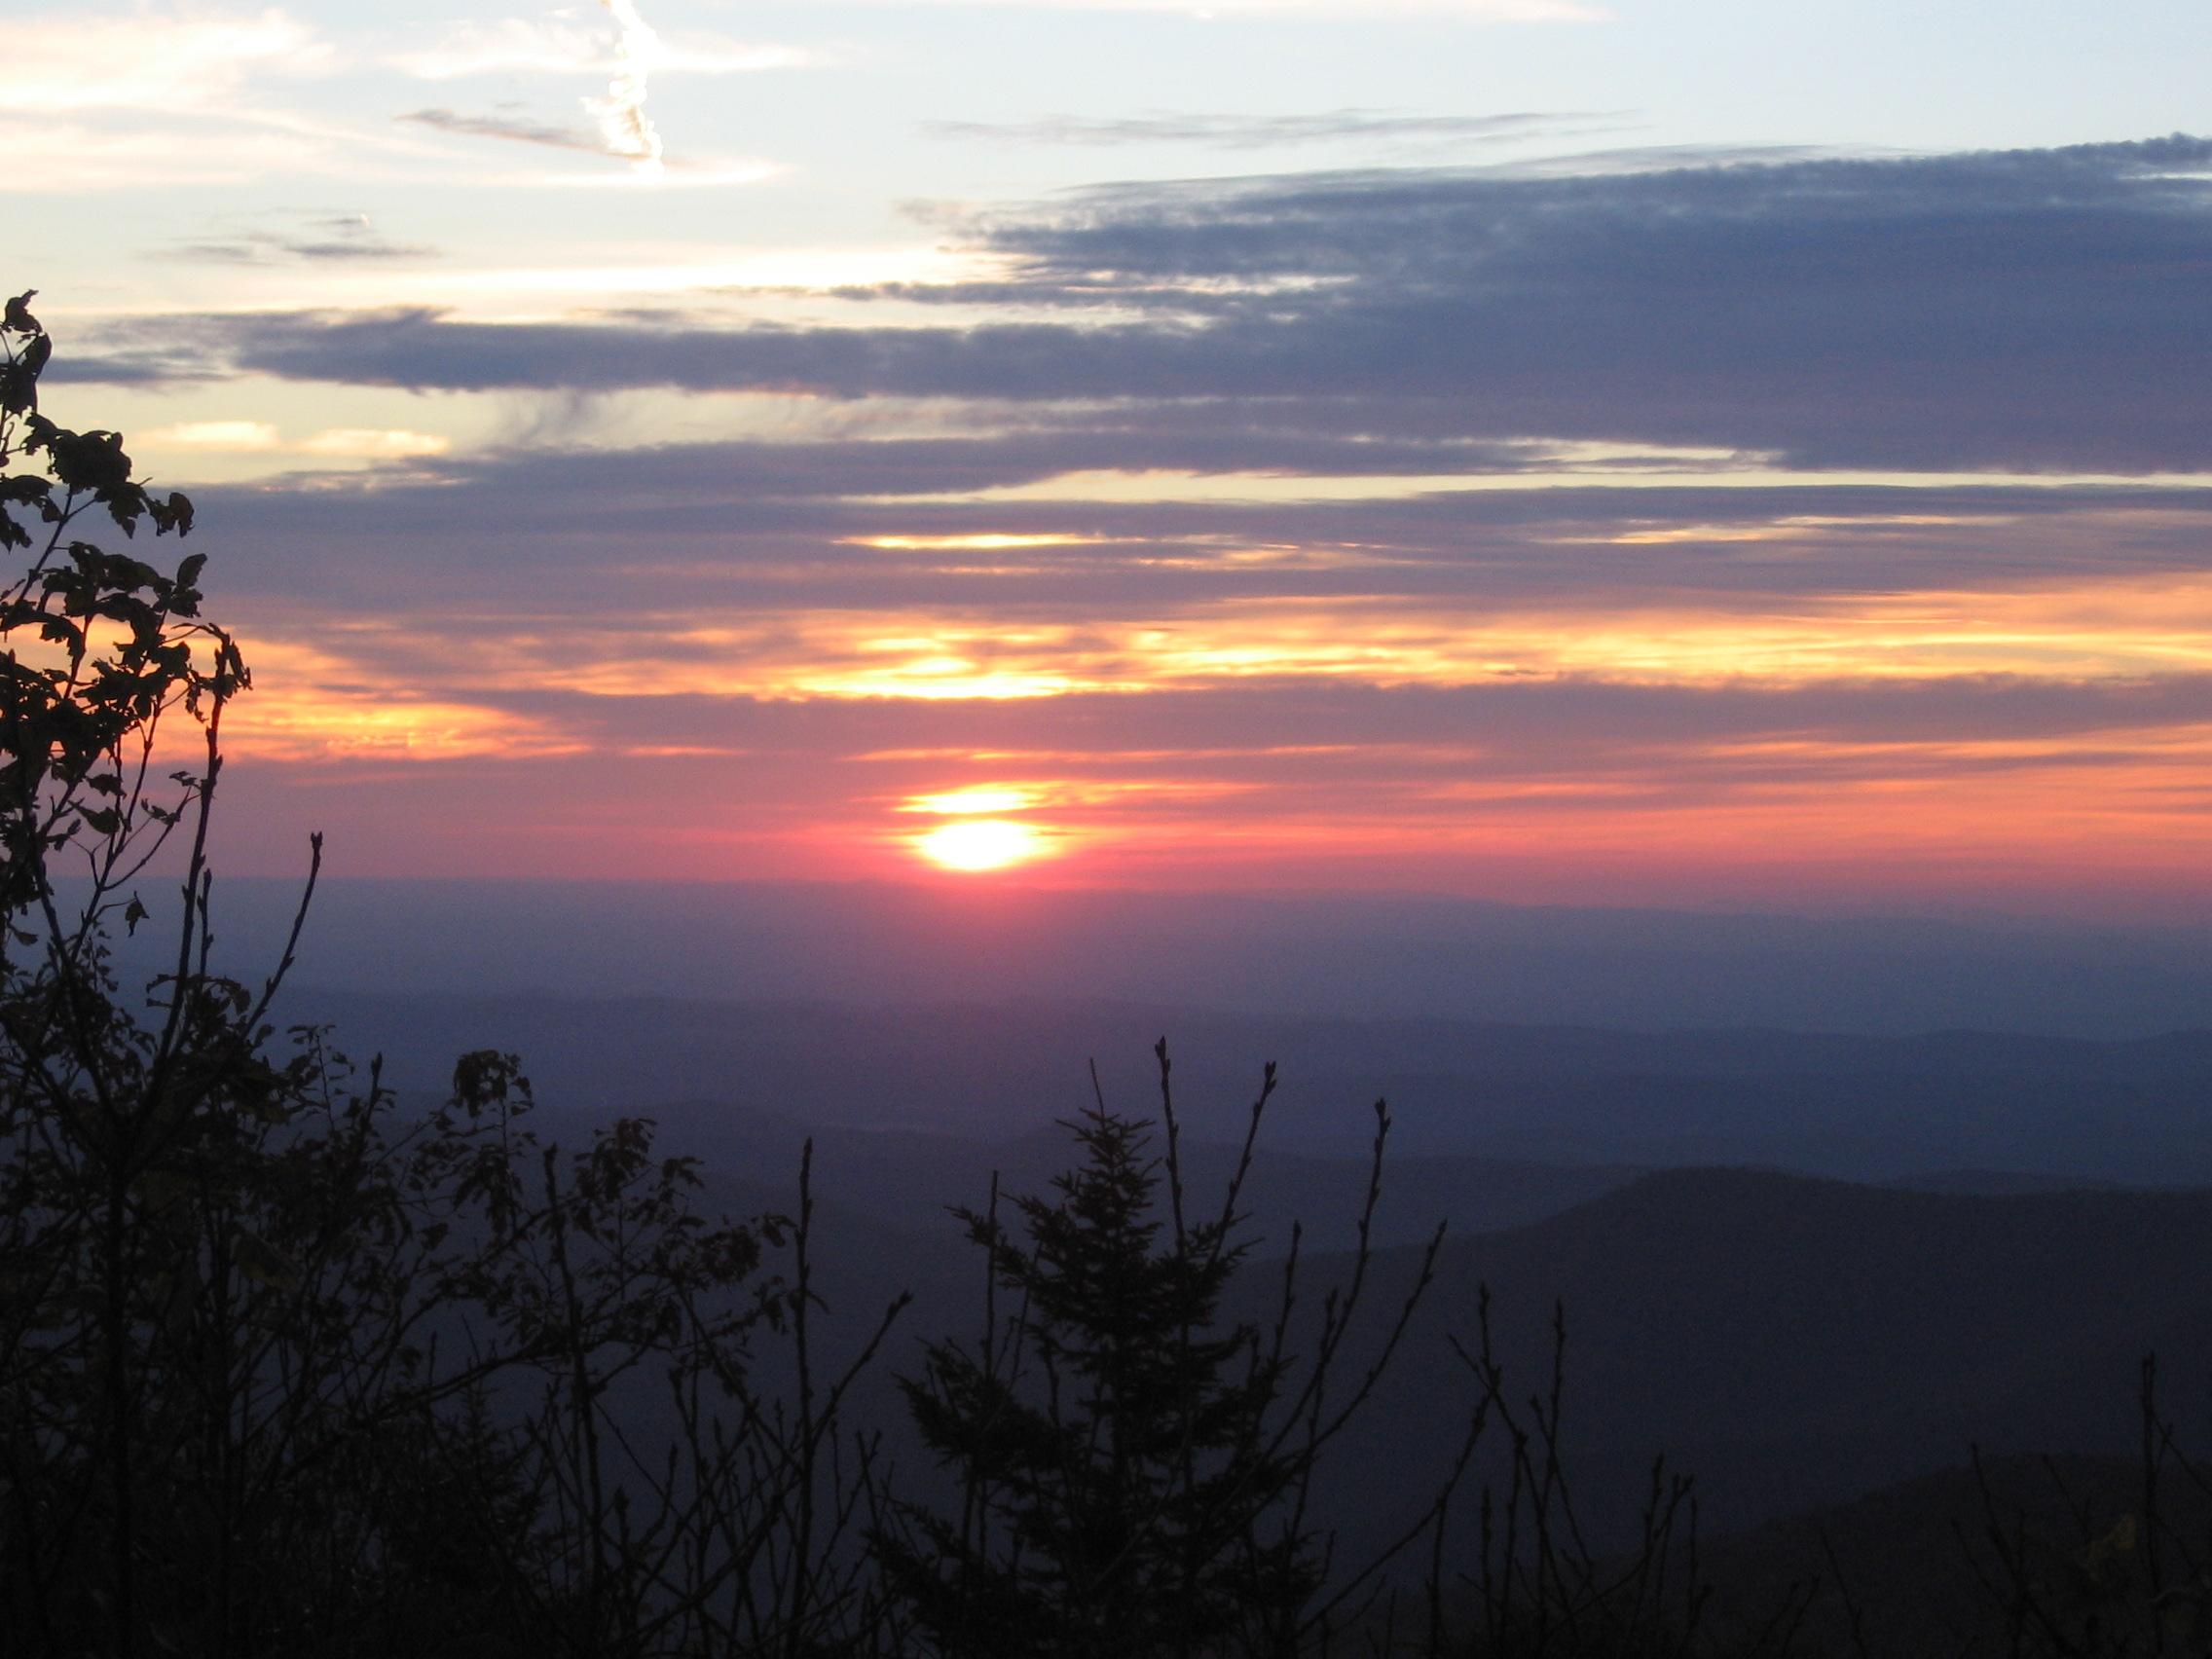 Mount Equinox sunset